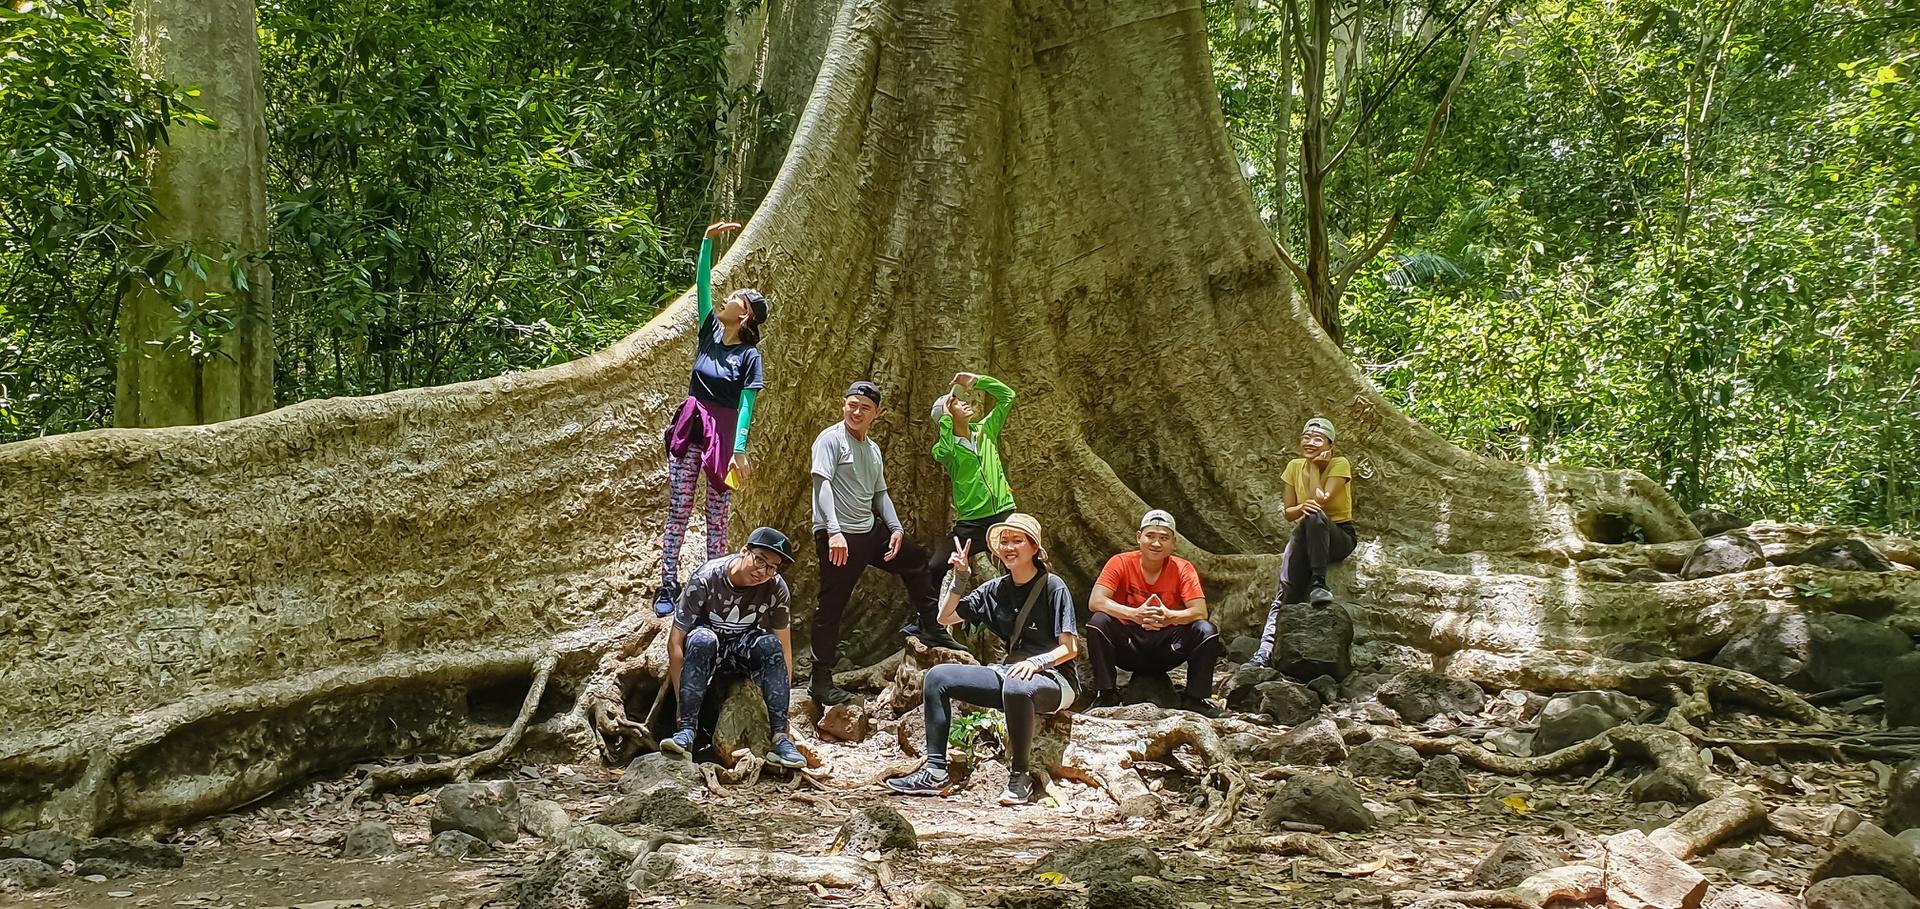 vuon quoc gia Phong Nha - Ke Bang anh 3  - 69 - Vườn quốc gia nào có diện tích lớn nhất Việt Nam?